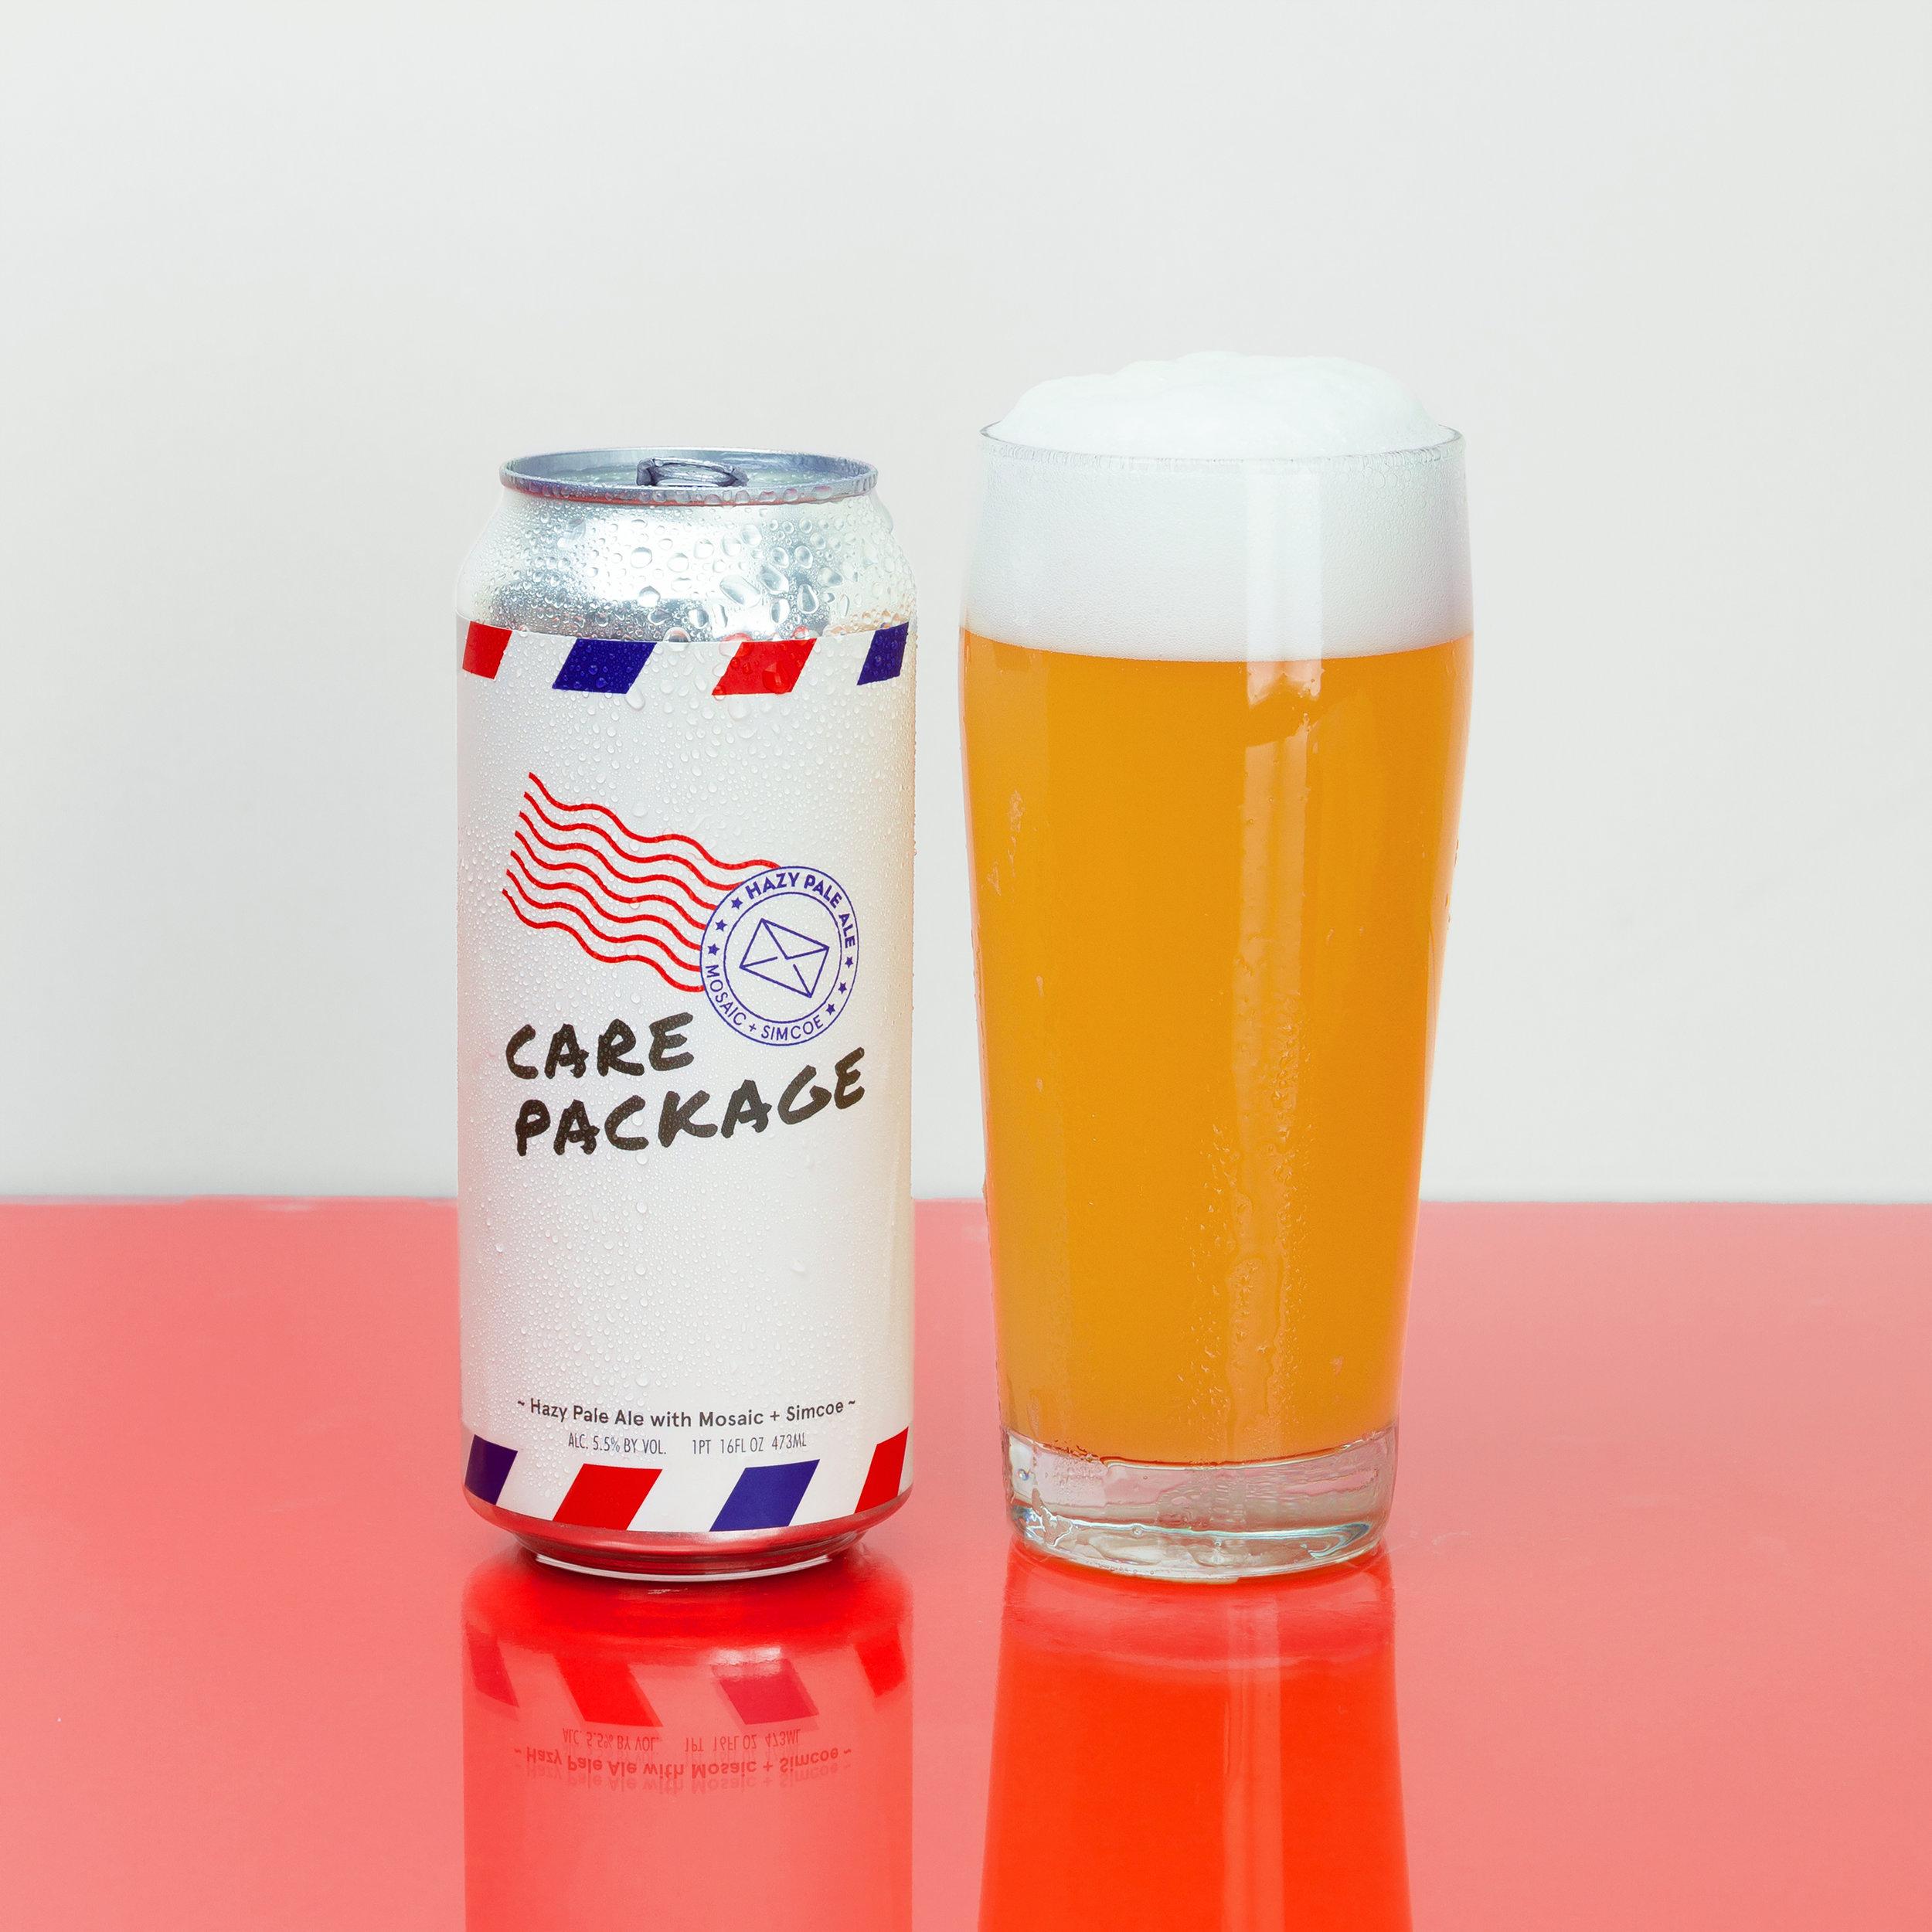 CarePackage_PourShot.jpg